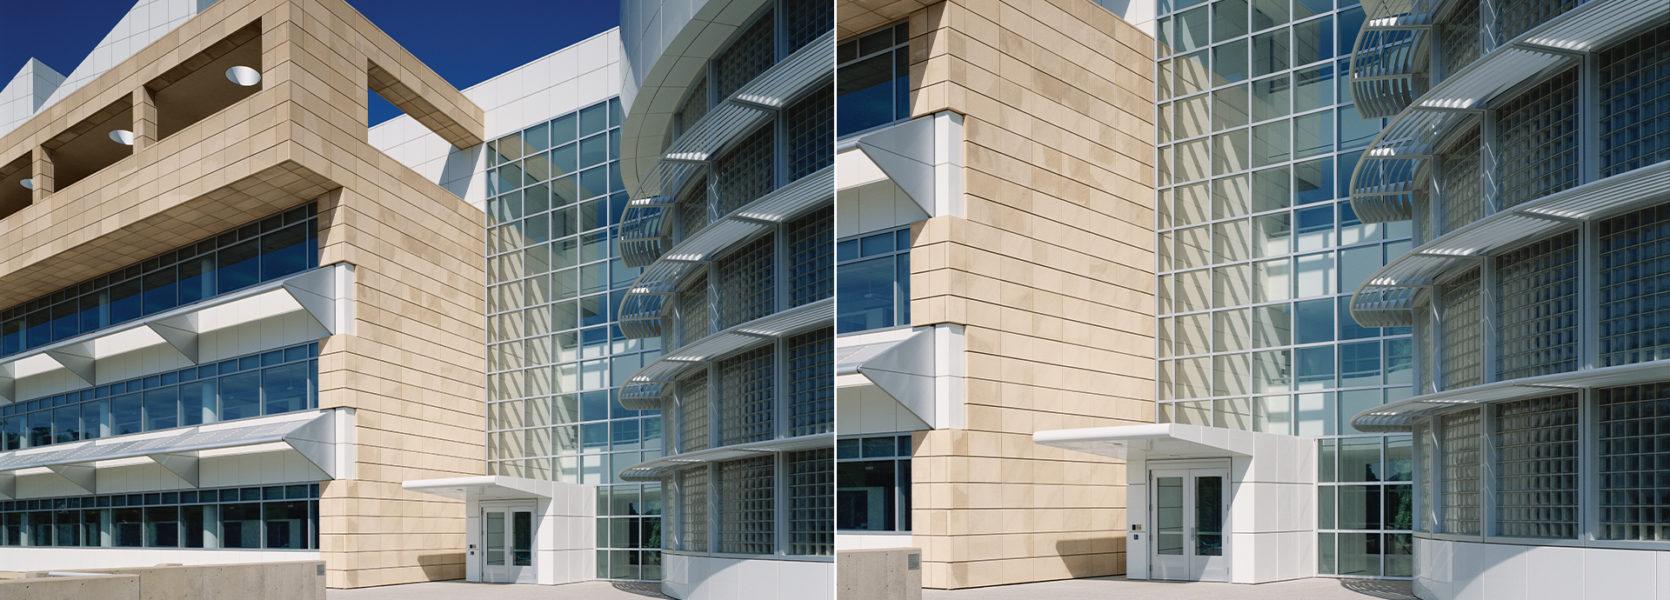 Levitt Center at University of Iowa